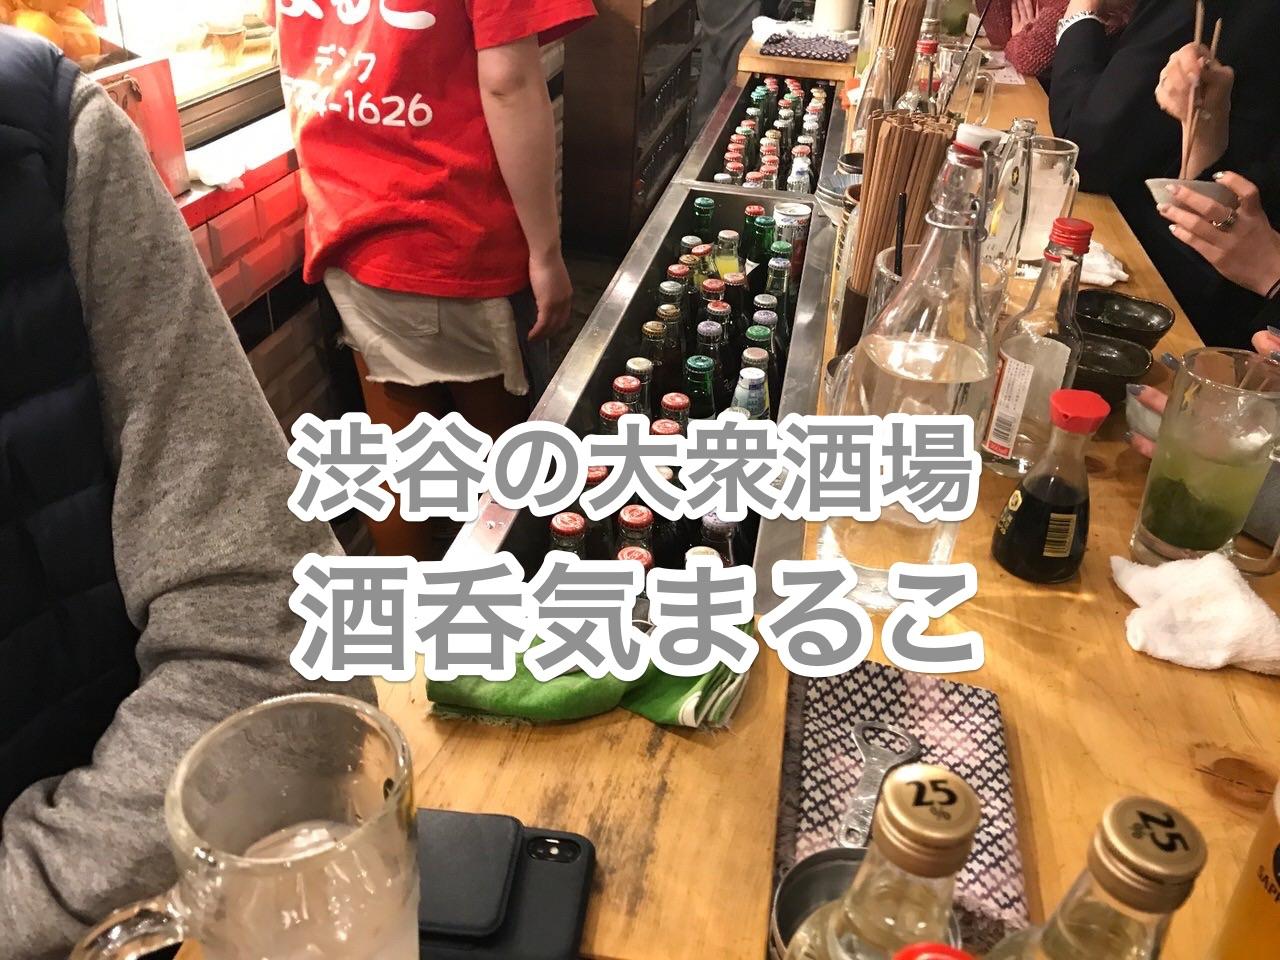 「酒呑気まるこ」テーブルに宝焼酎ボトルがドン!ドブ漬け強炭酸で呑むチューハイが美味い!